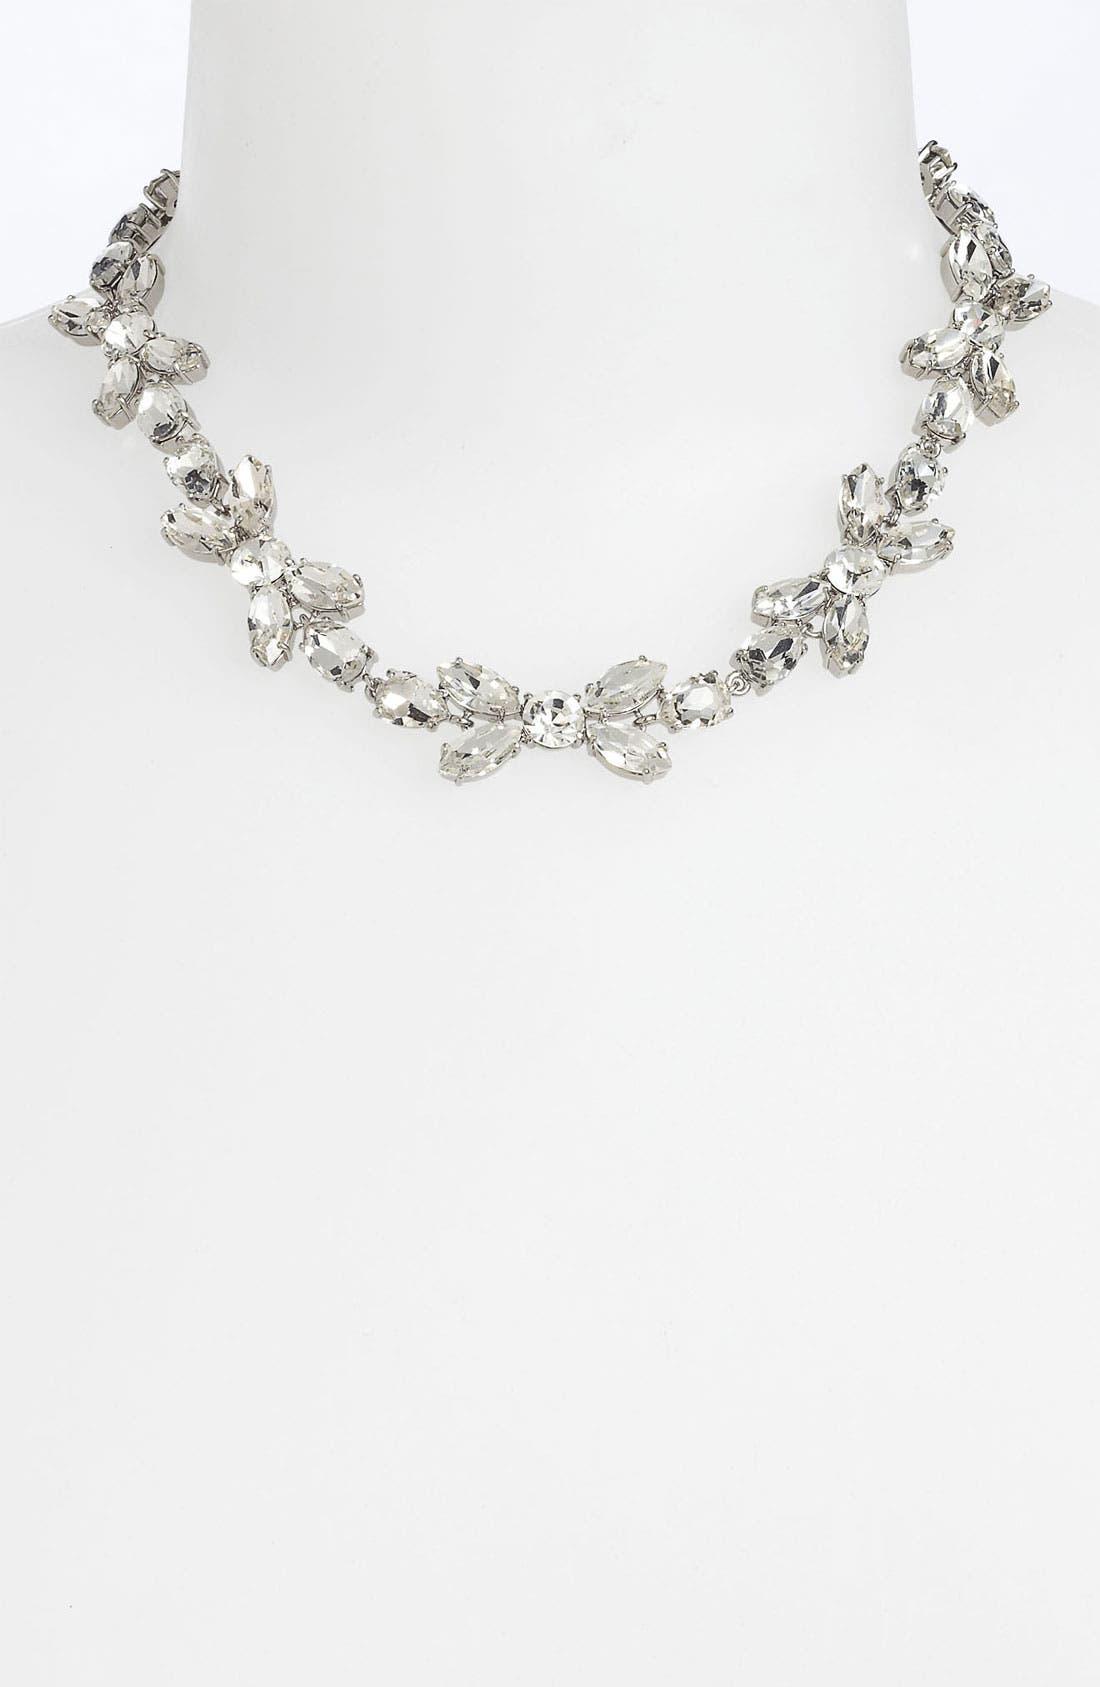 Main Image - kate spade new york 'crystal petals' collar necklace